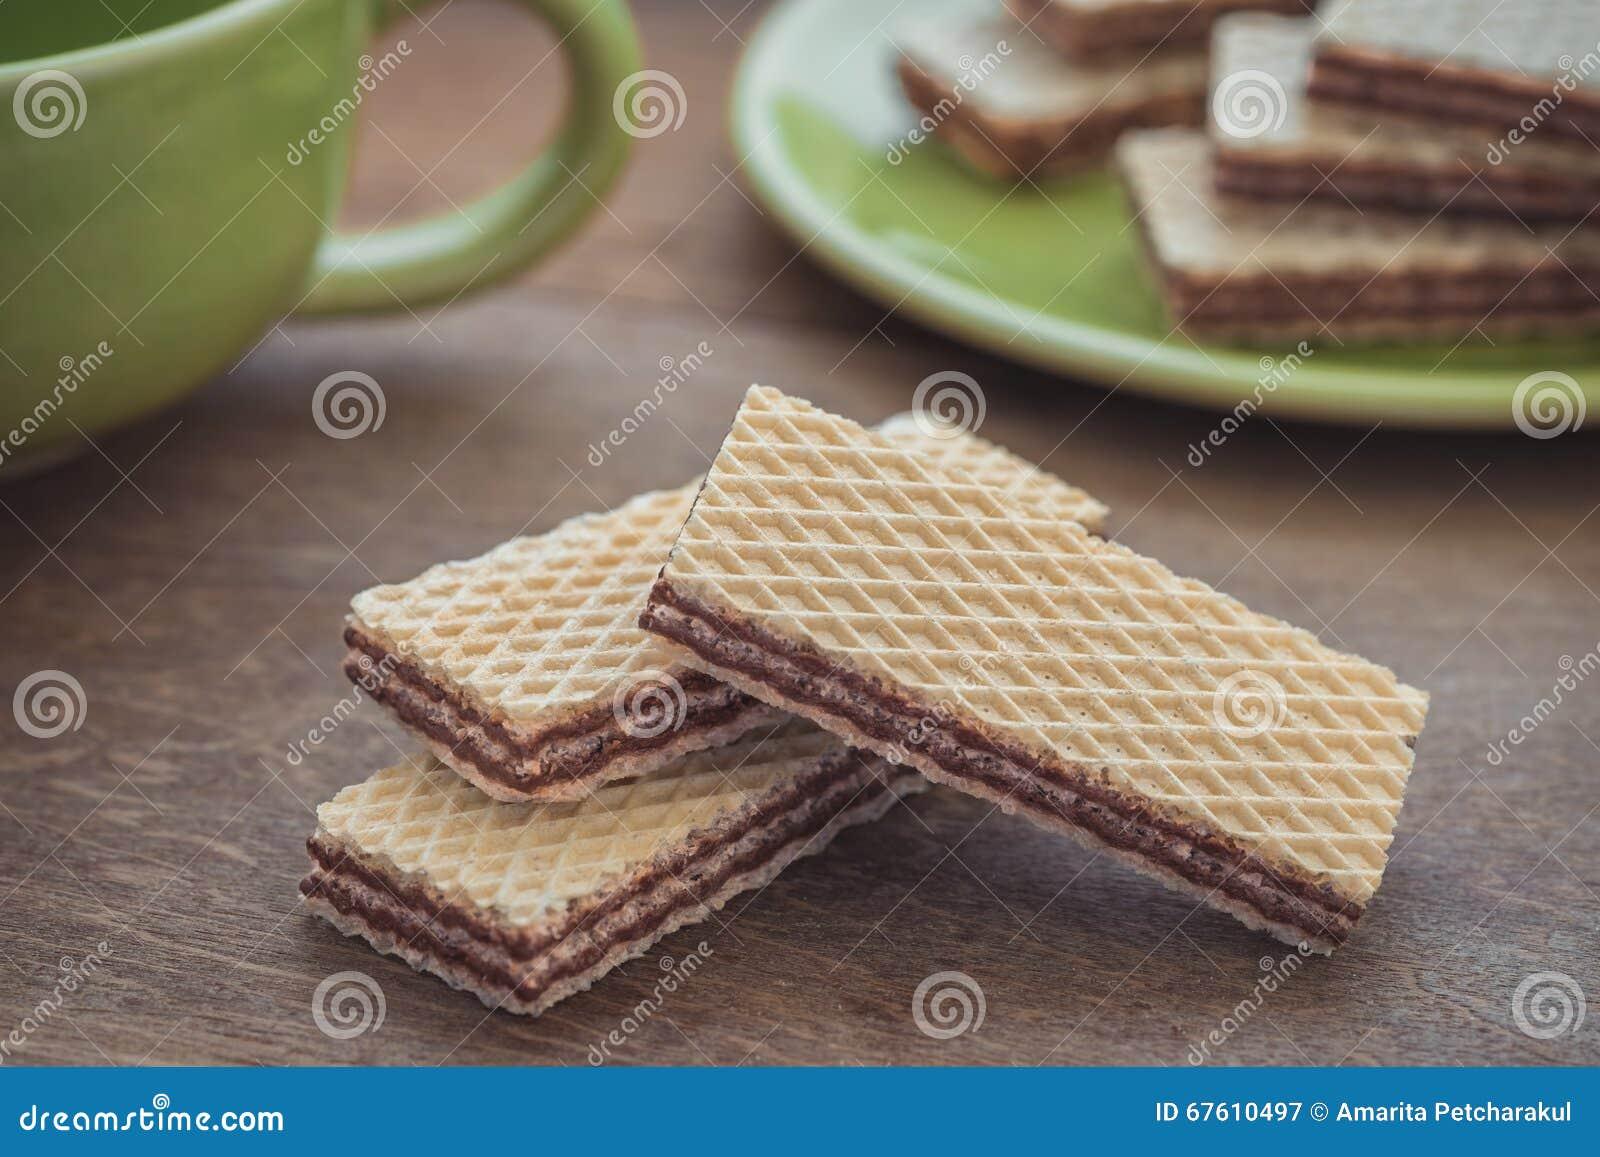 Opłatki z czekoladą na drewnianym stole i filiżance